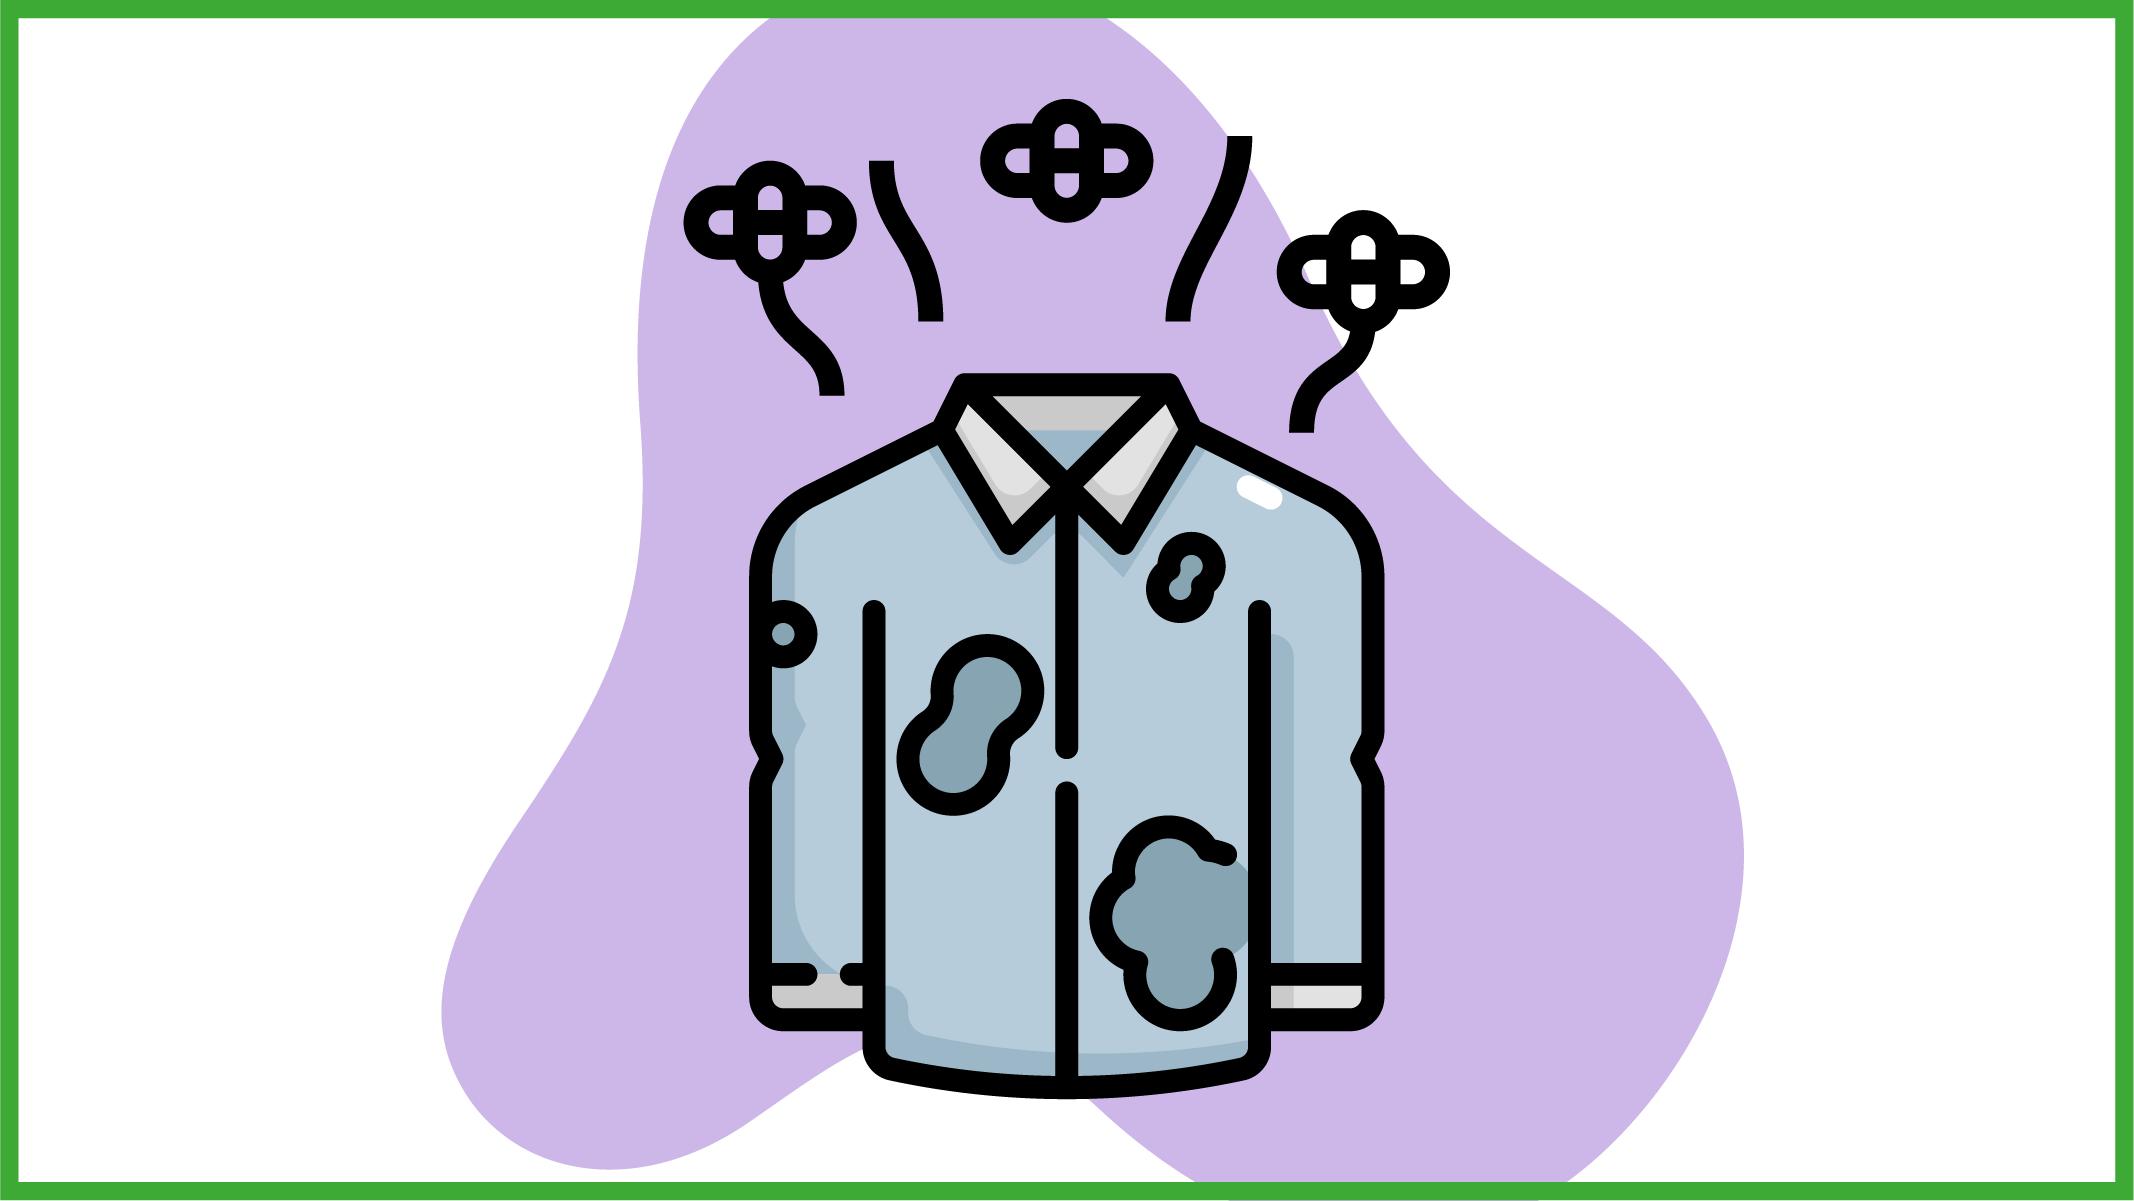 Immagine di una camicia di seta con gli aloni di sudore